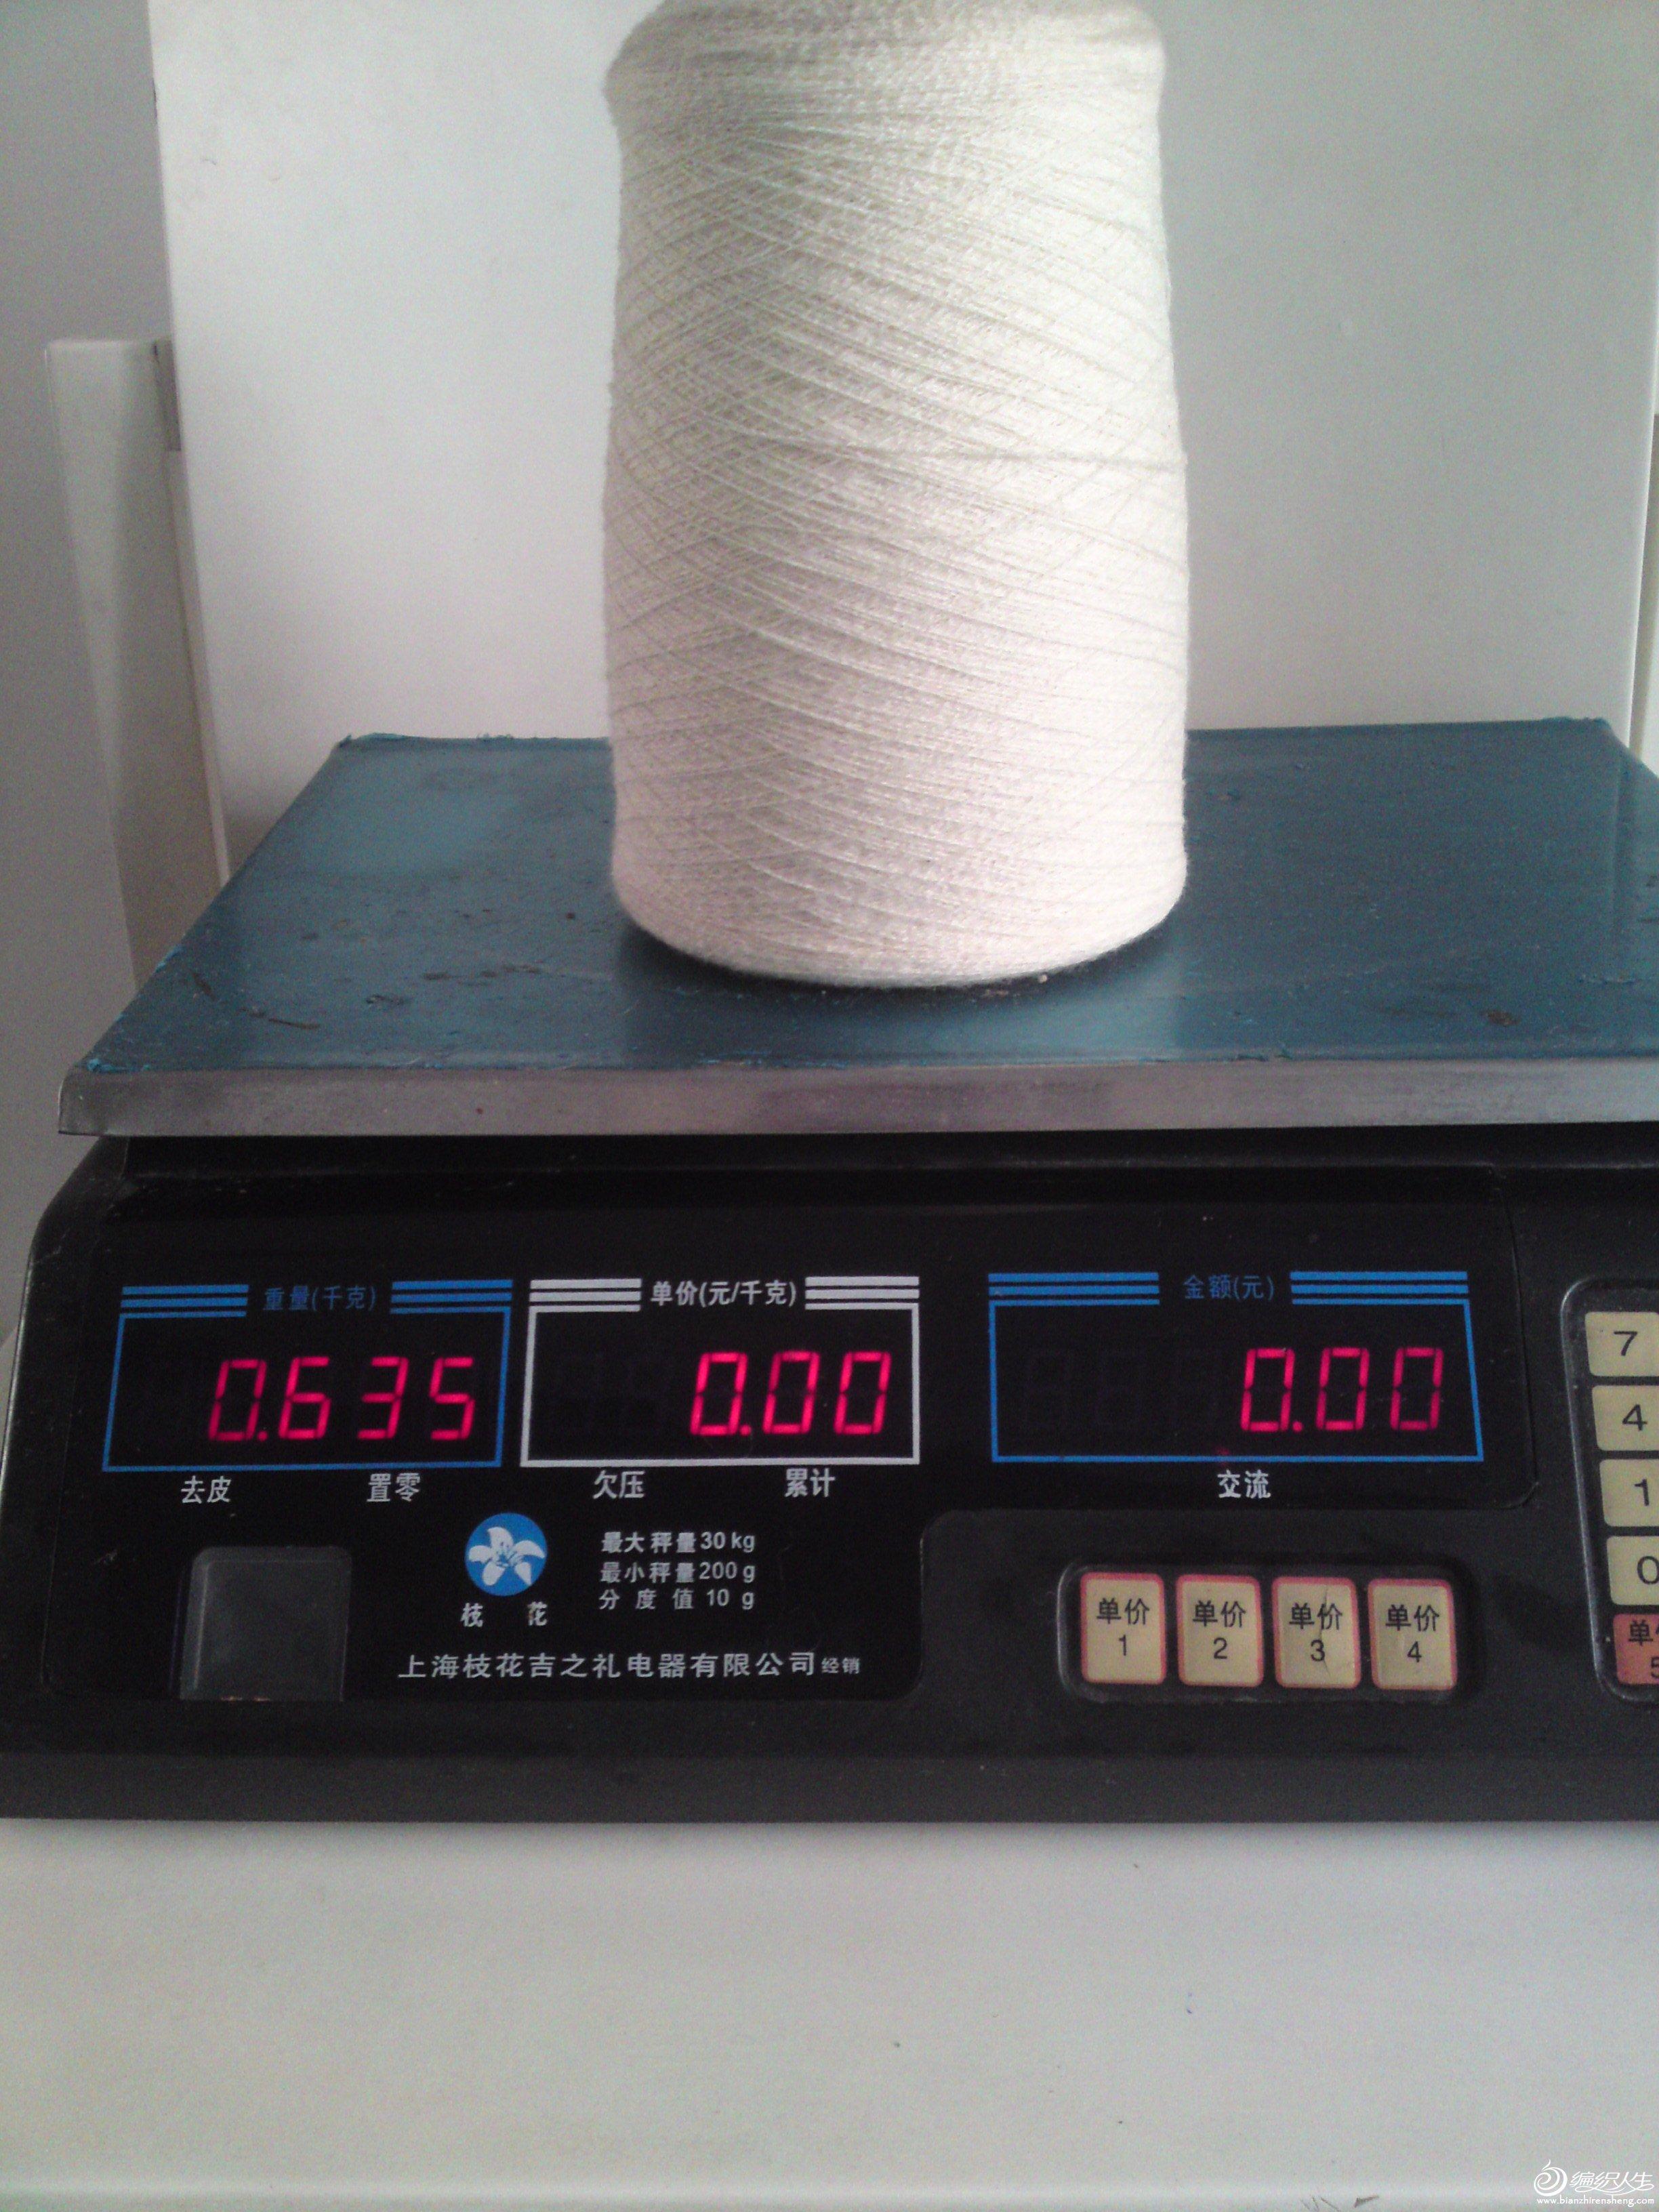 一根全羊毛一根弹力丝,较细,和貂绒,羊毛合织非常不错,30元/斤